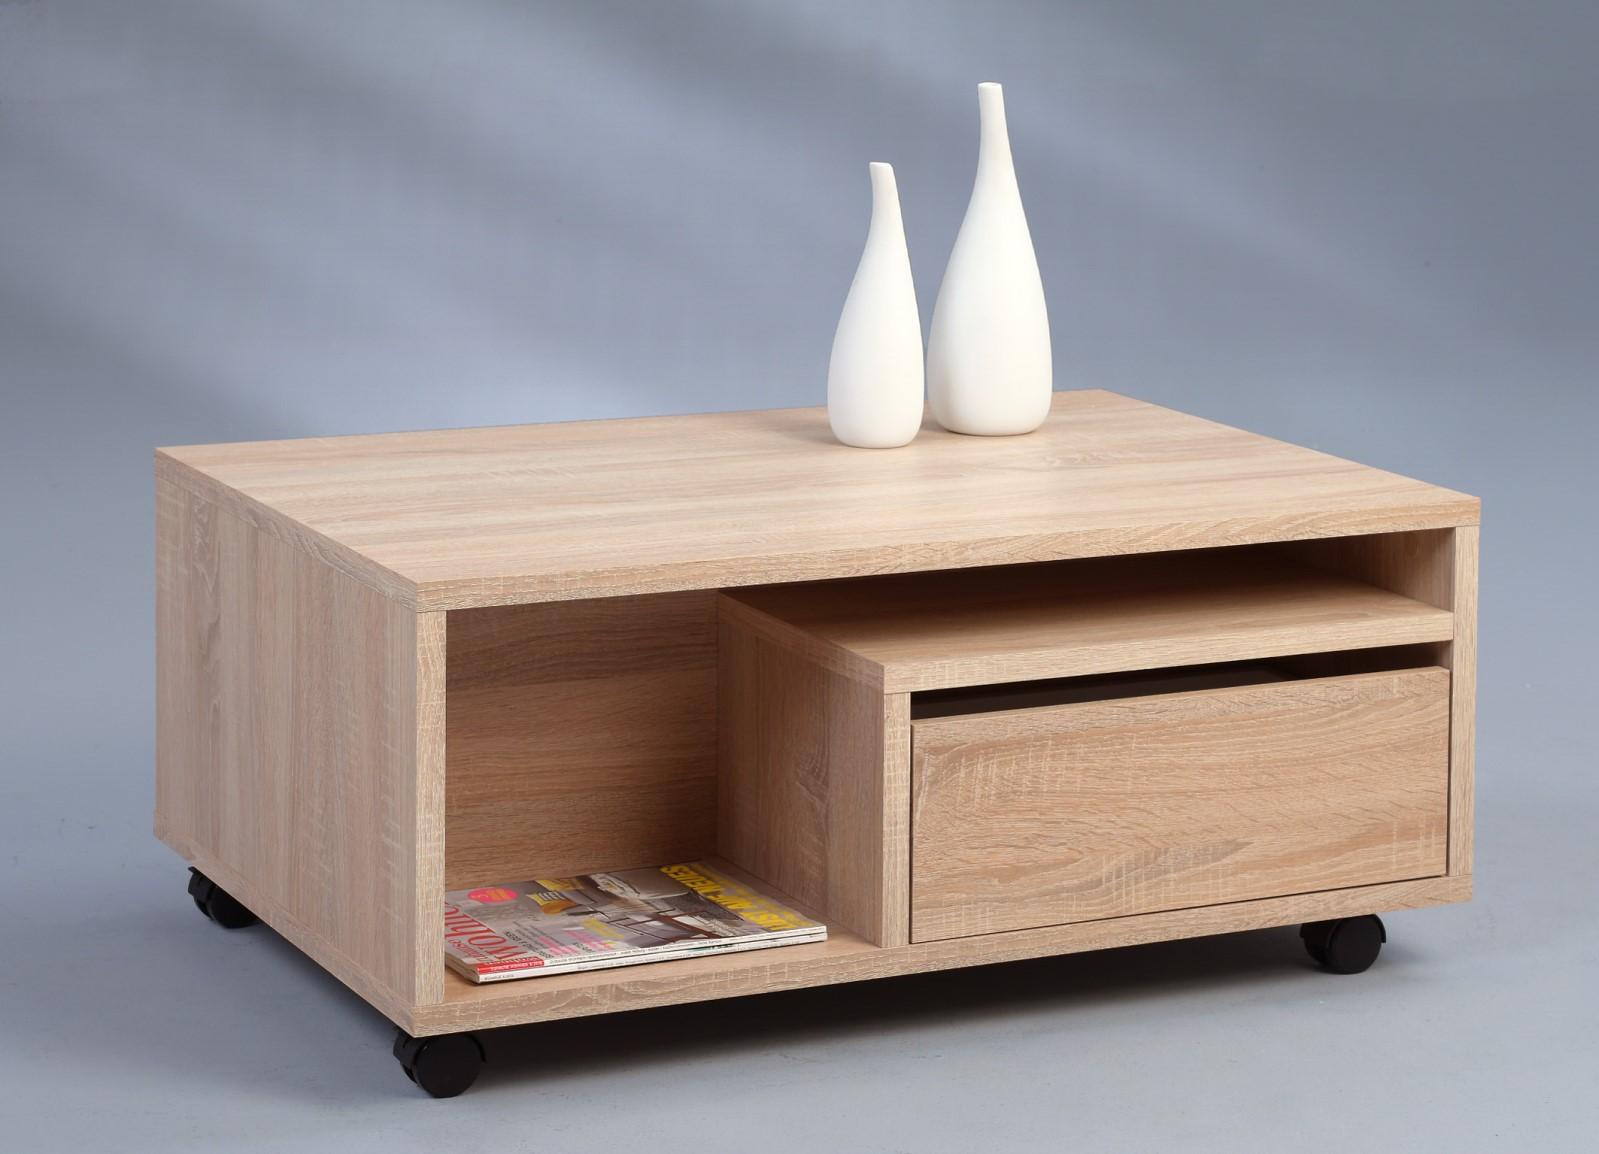 Couchtisch tisch este 90x60 cm weiss betonoptik ebay for Beistelltisch kernbuche 50x50